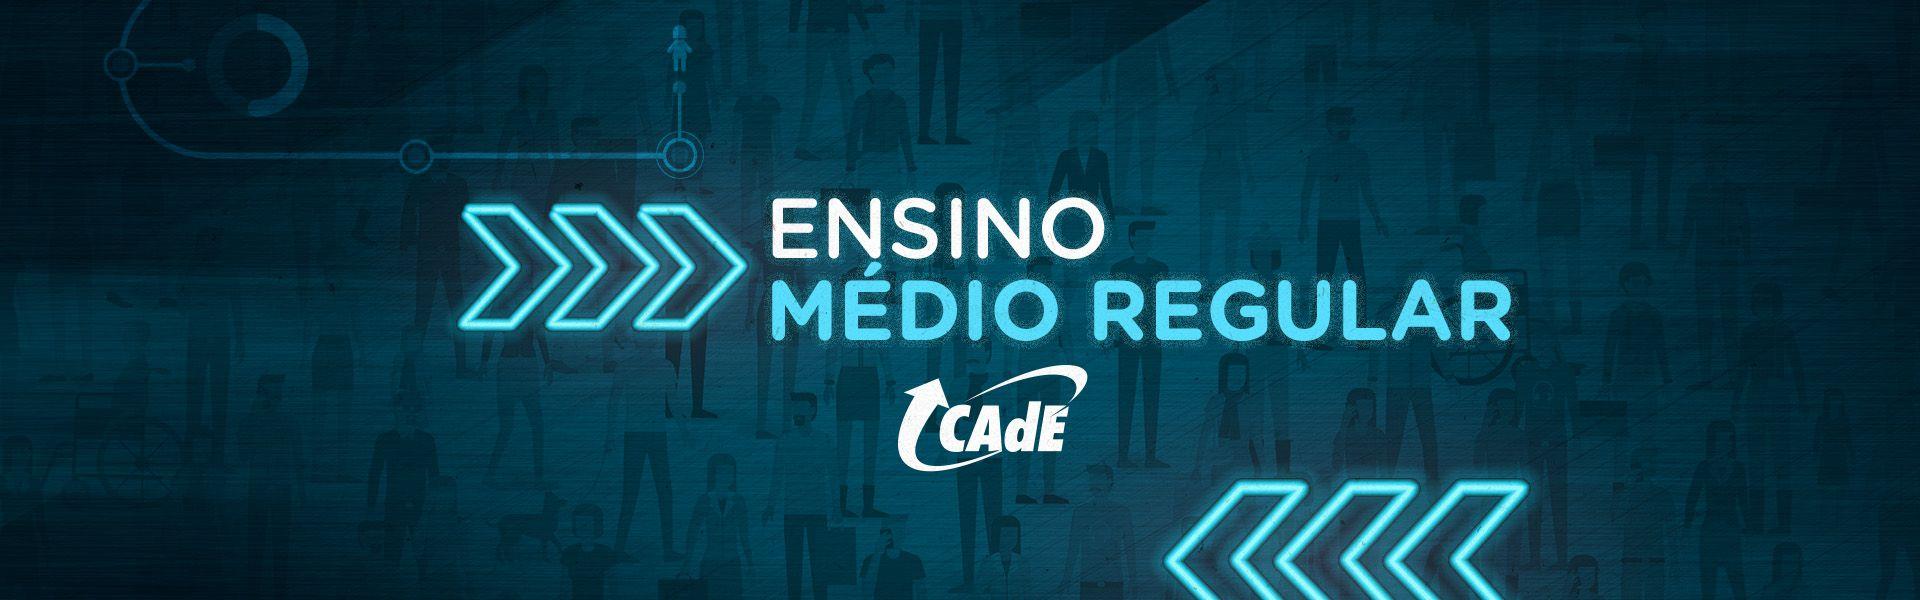 cade-piloto-campanha_medio_digital (1)